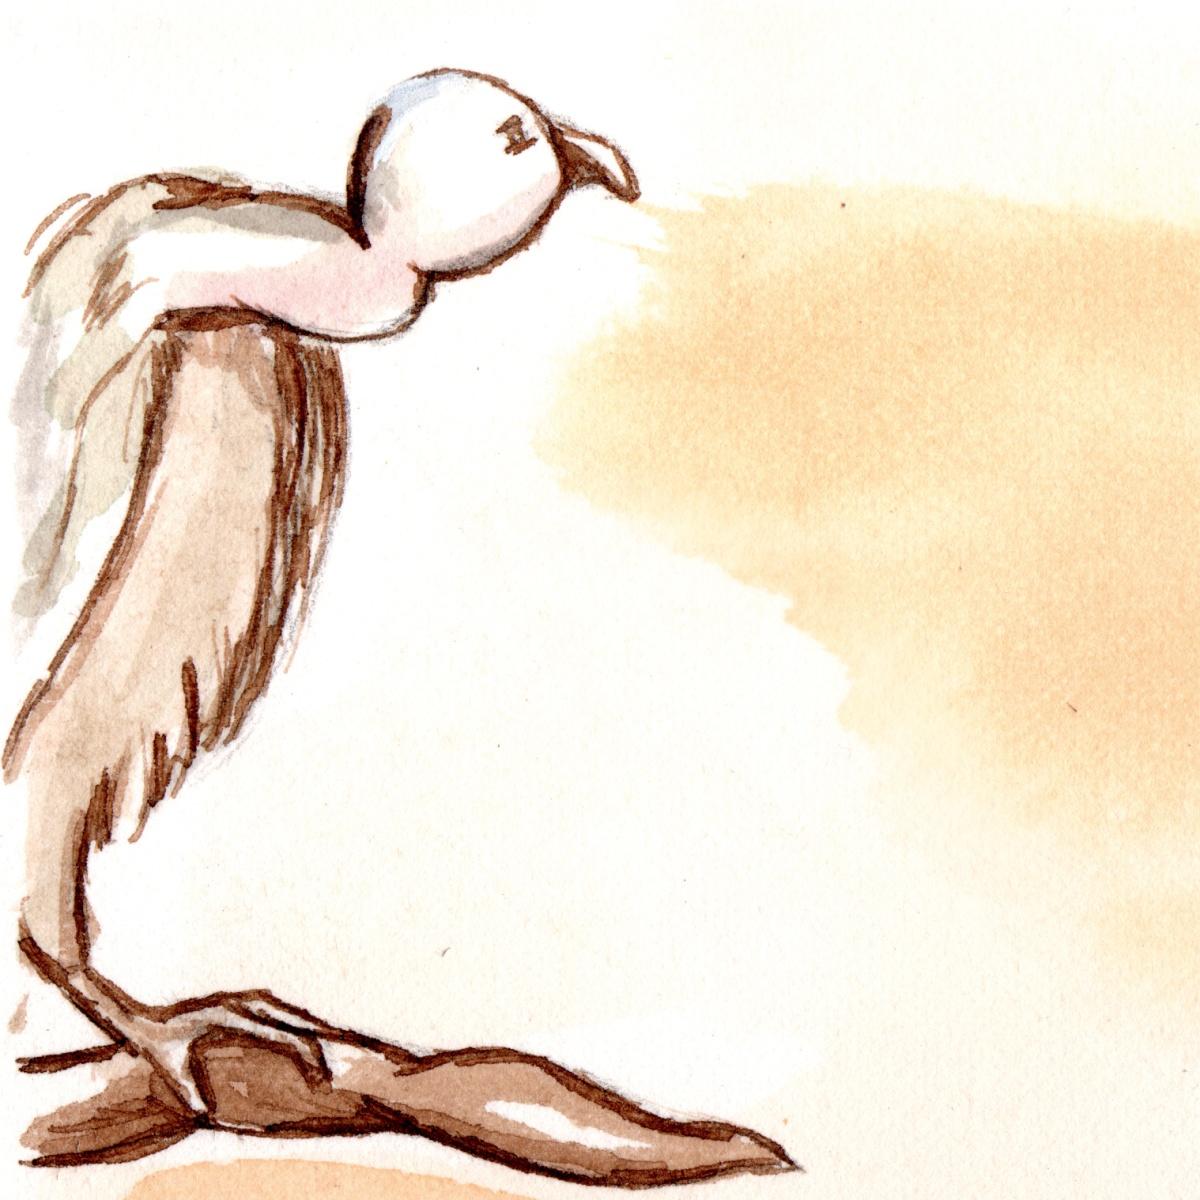 Camino détail - illustration - Caroline Dewaele - cAro igano